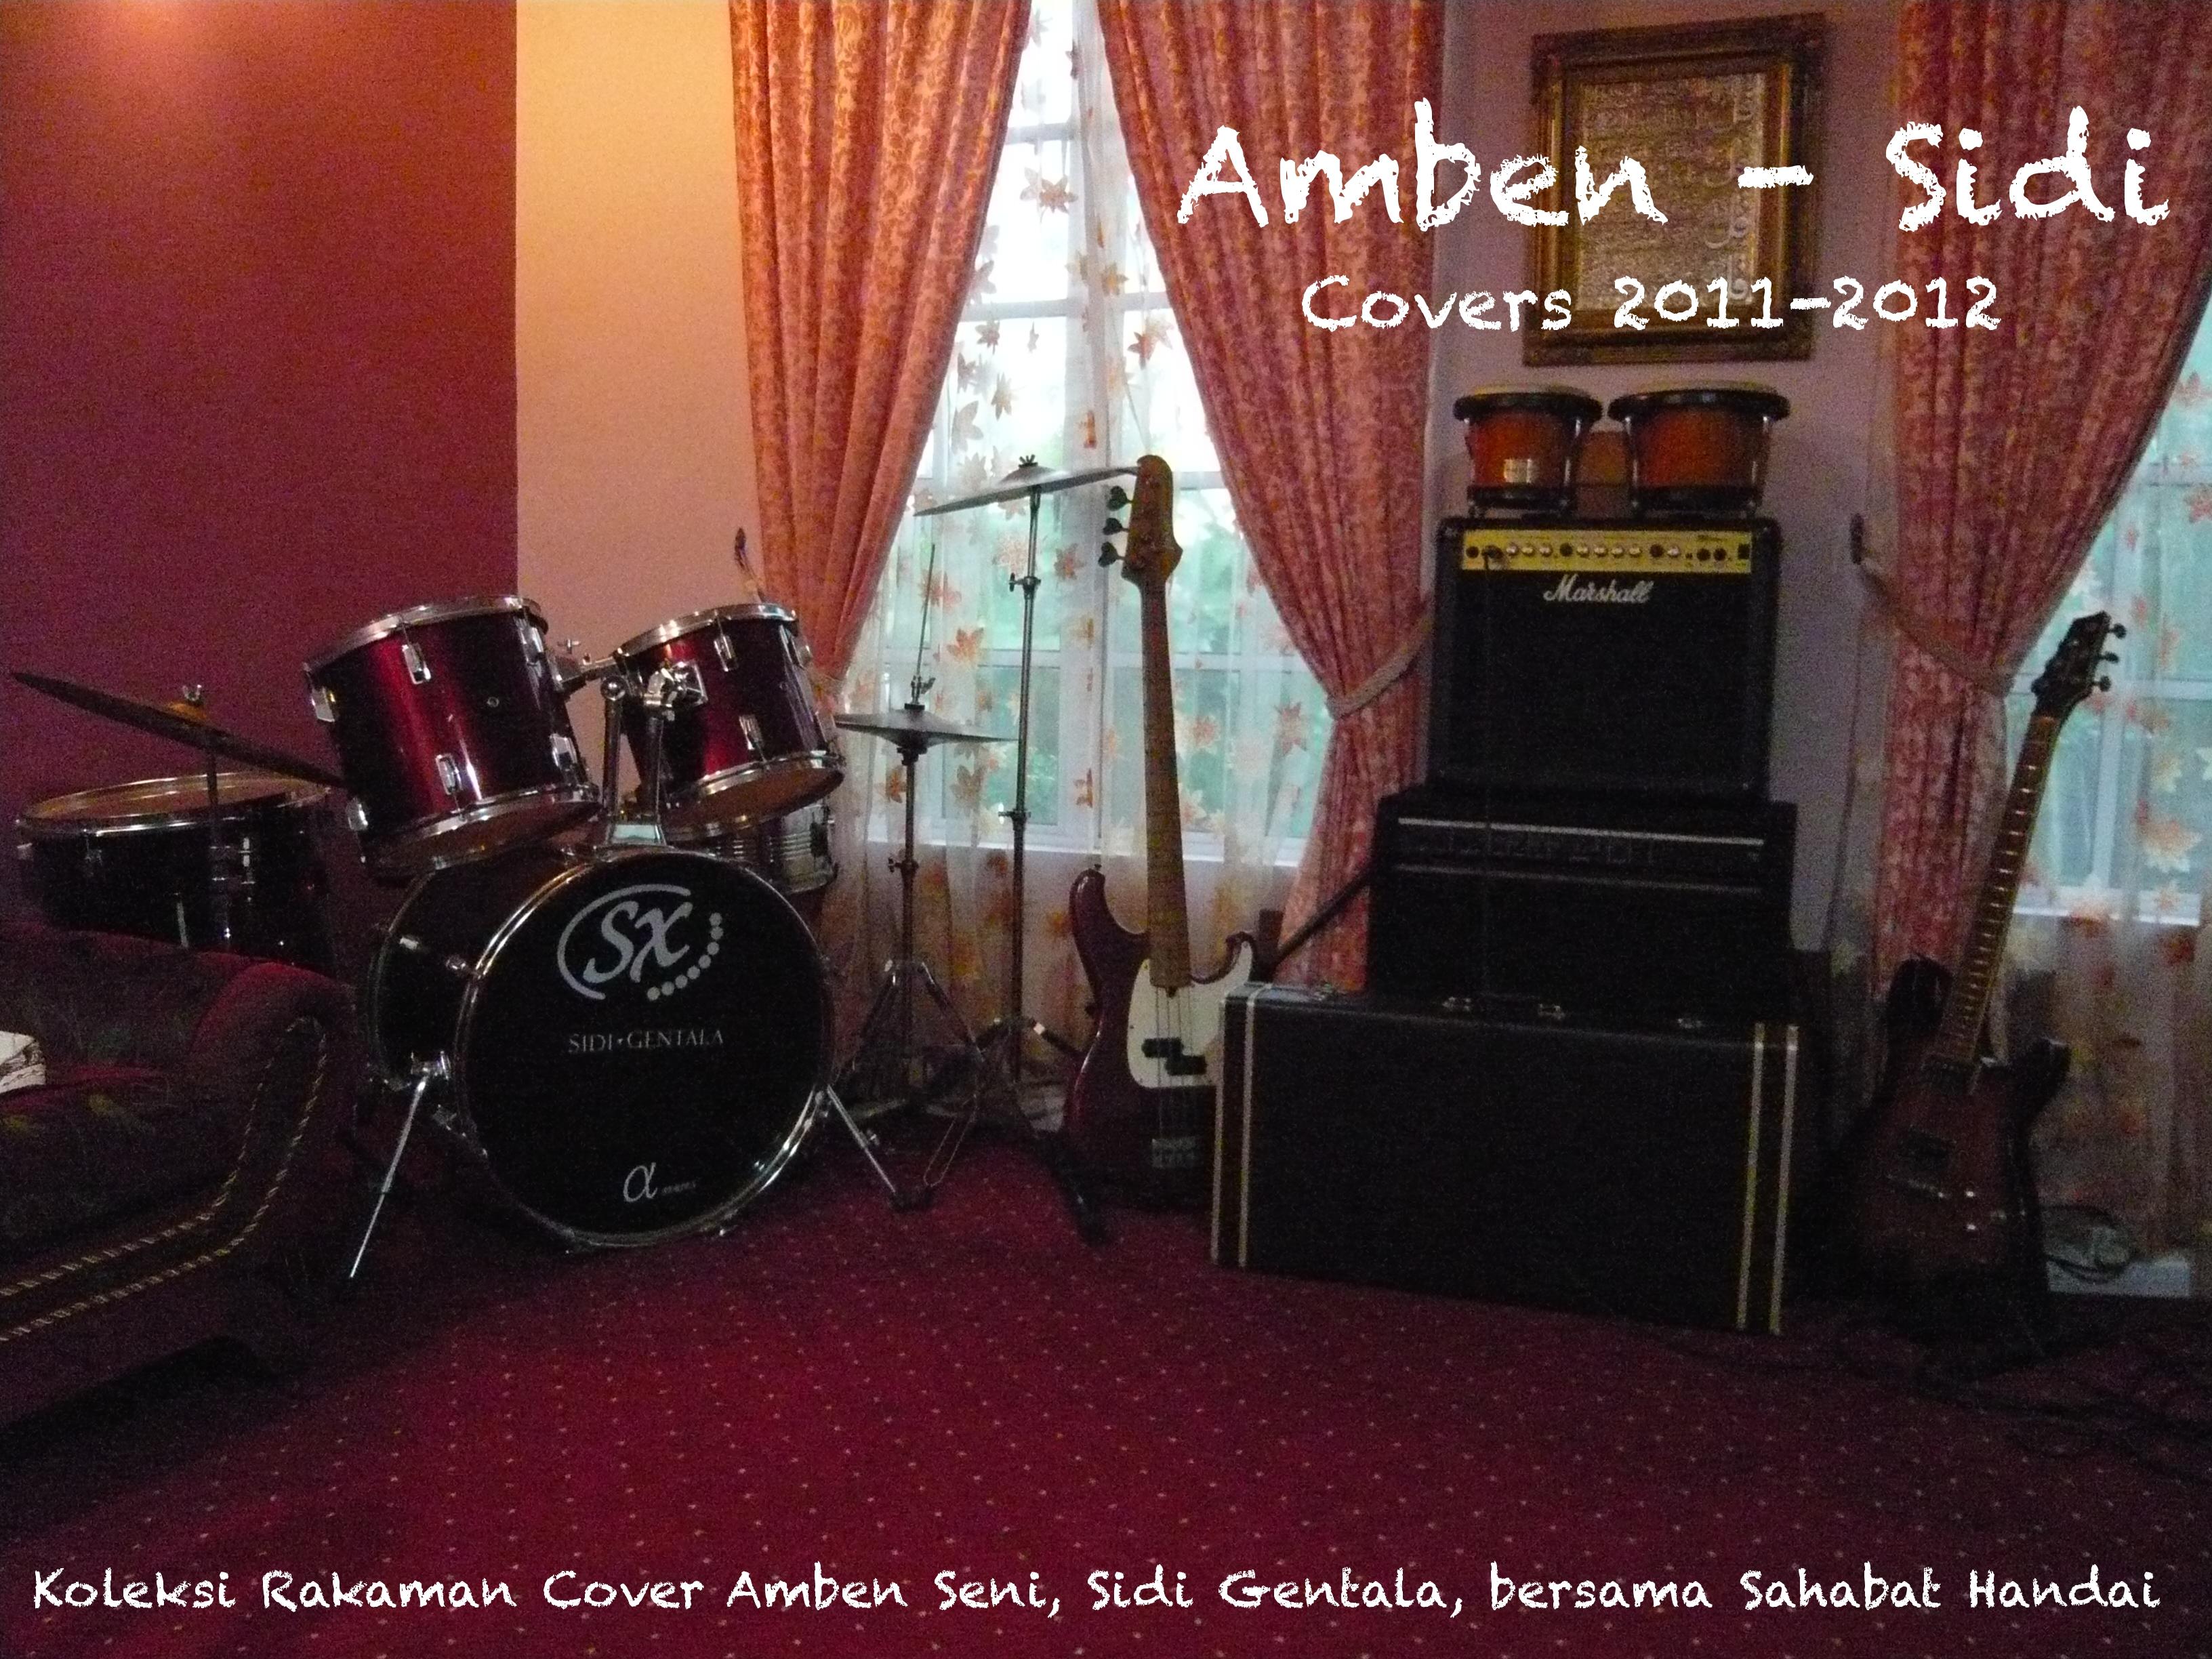 Cover Amben-Sidi 2011-2012